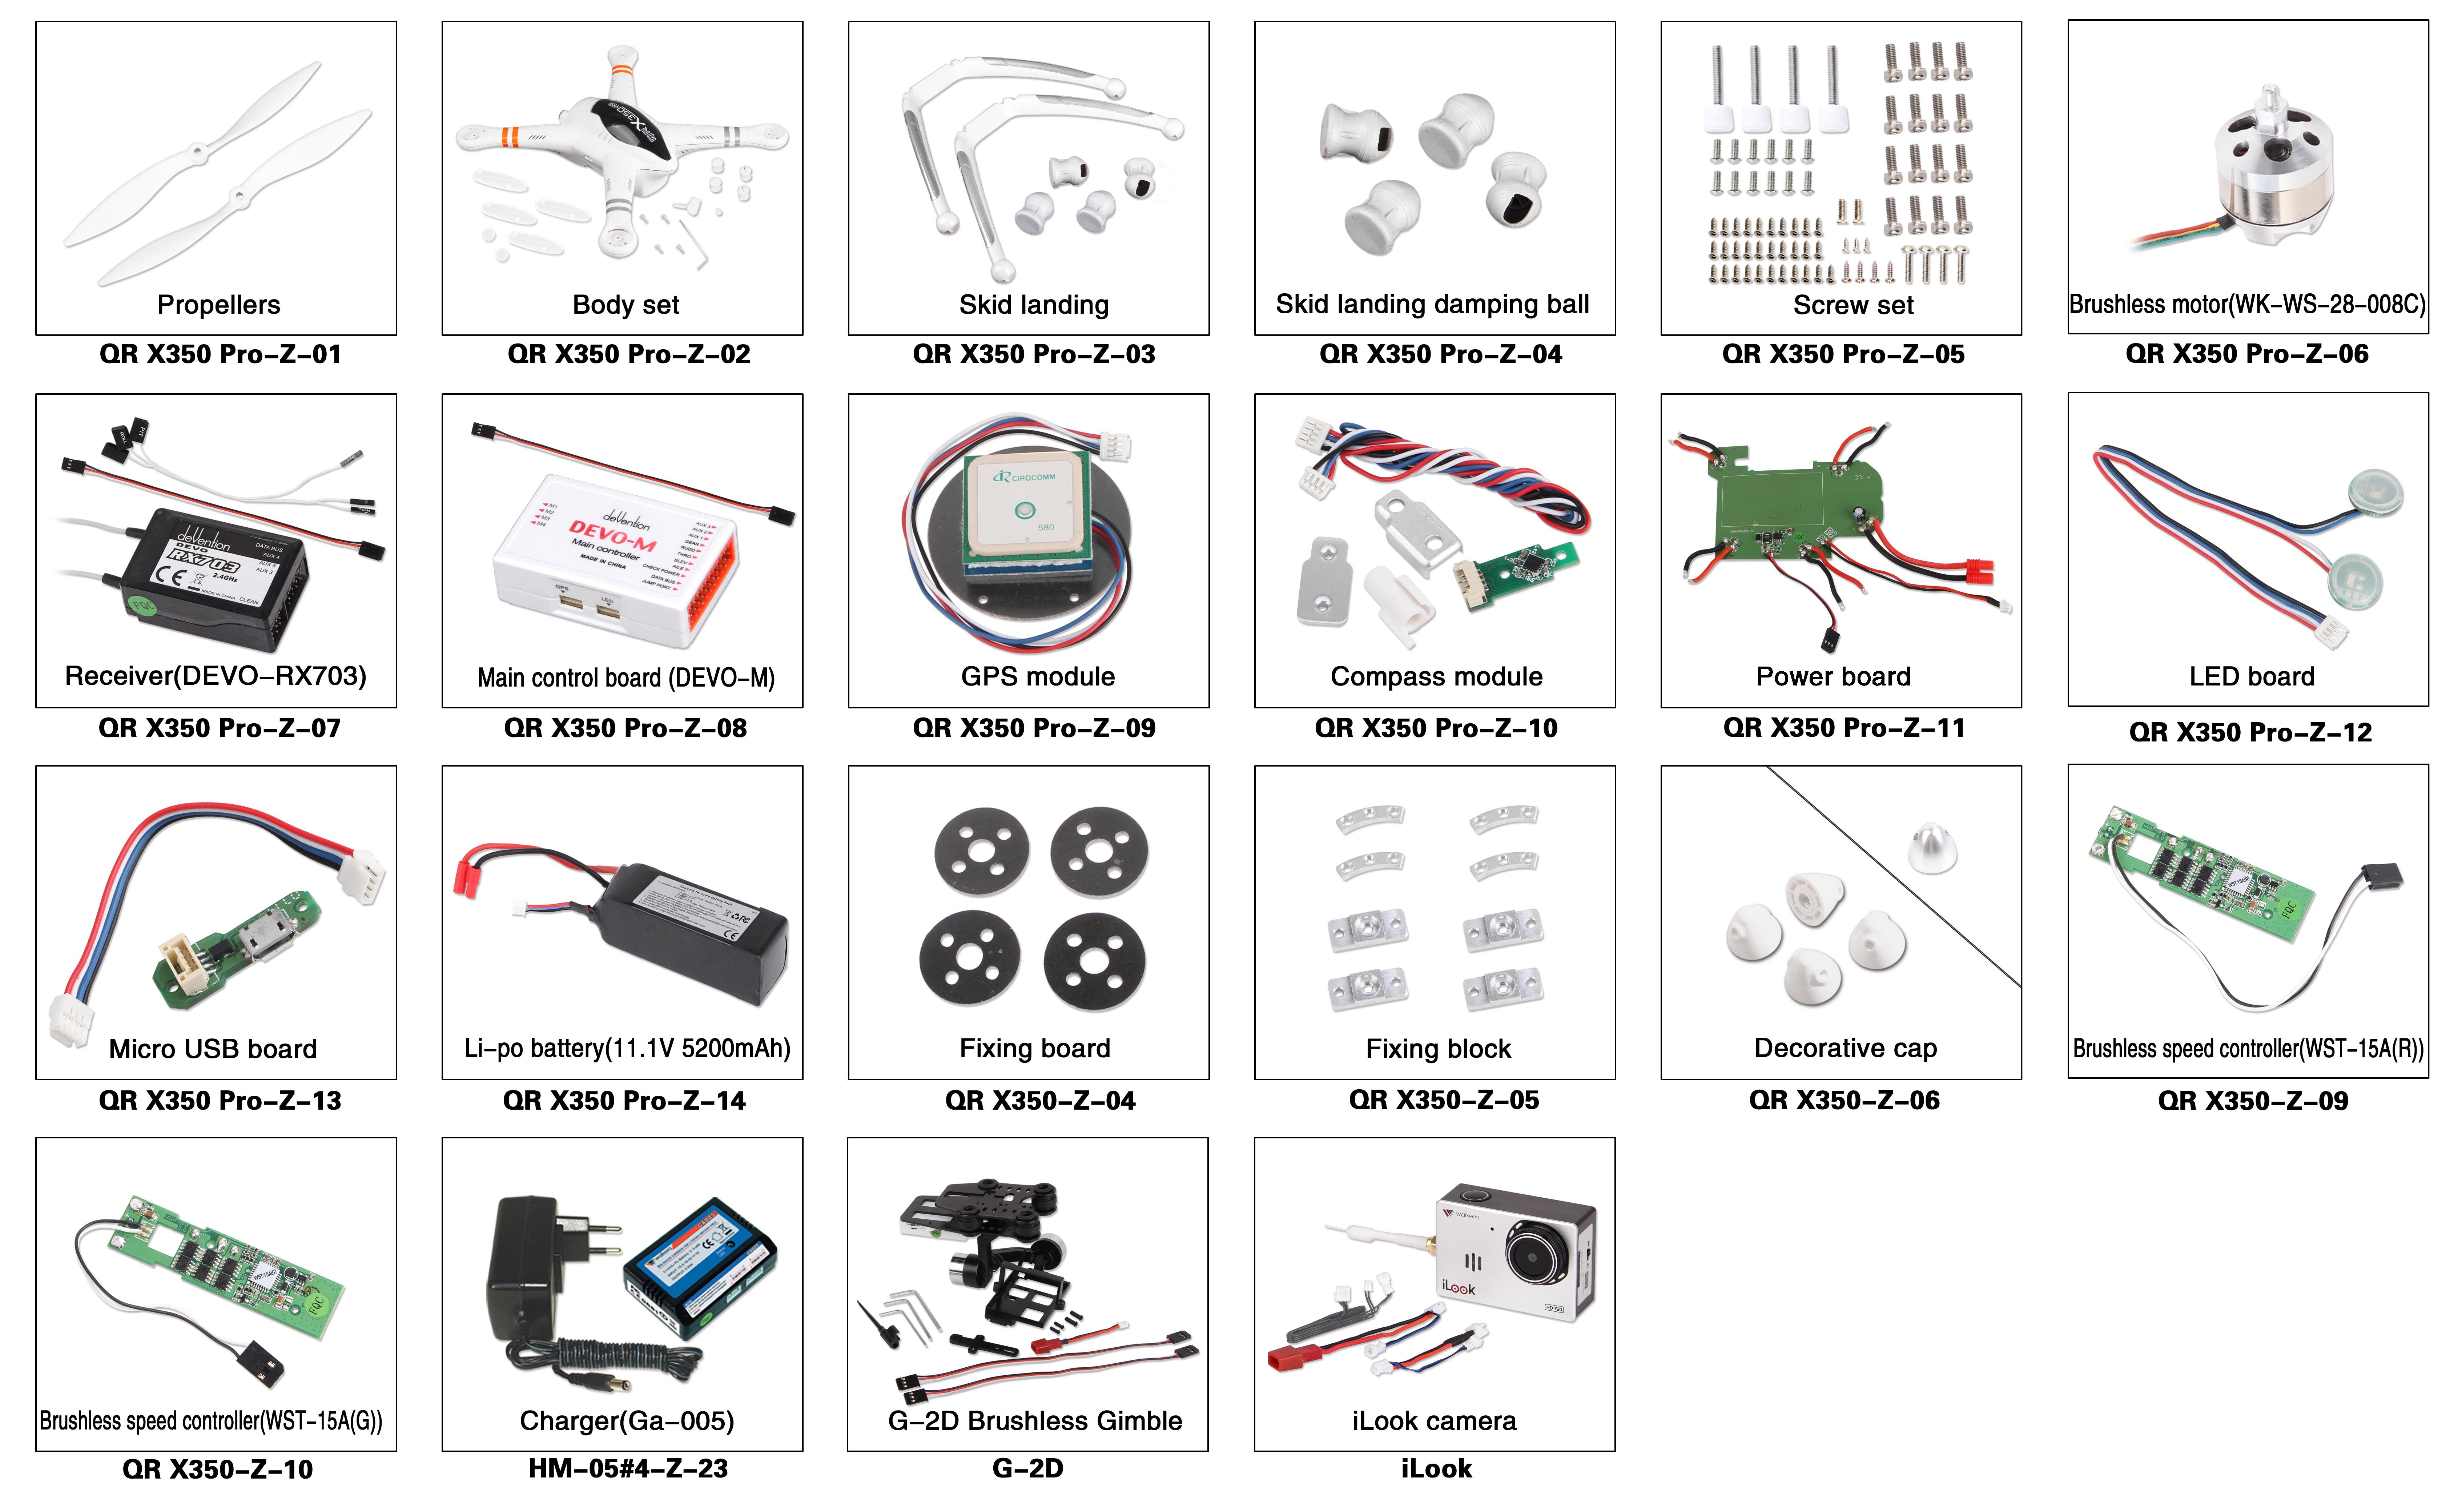 x350 pro mit devo m flugsteuerung spezifikationen. Black Bedroom Furniture Sets. Home Design Ideas